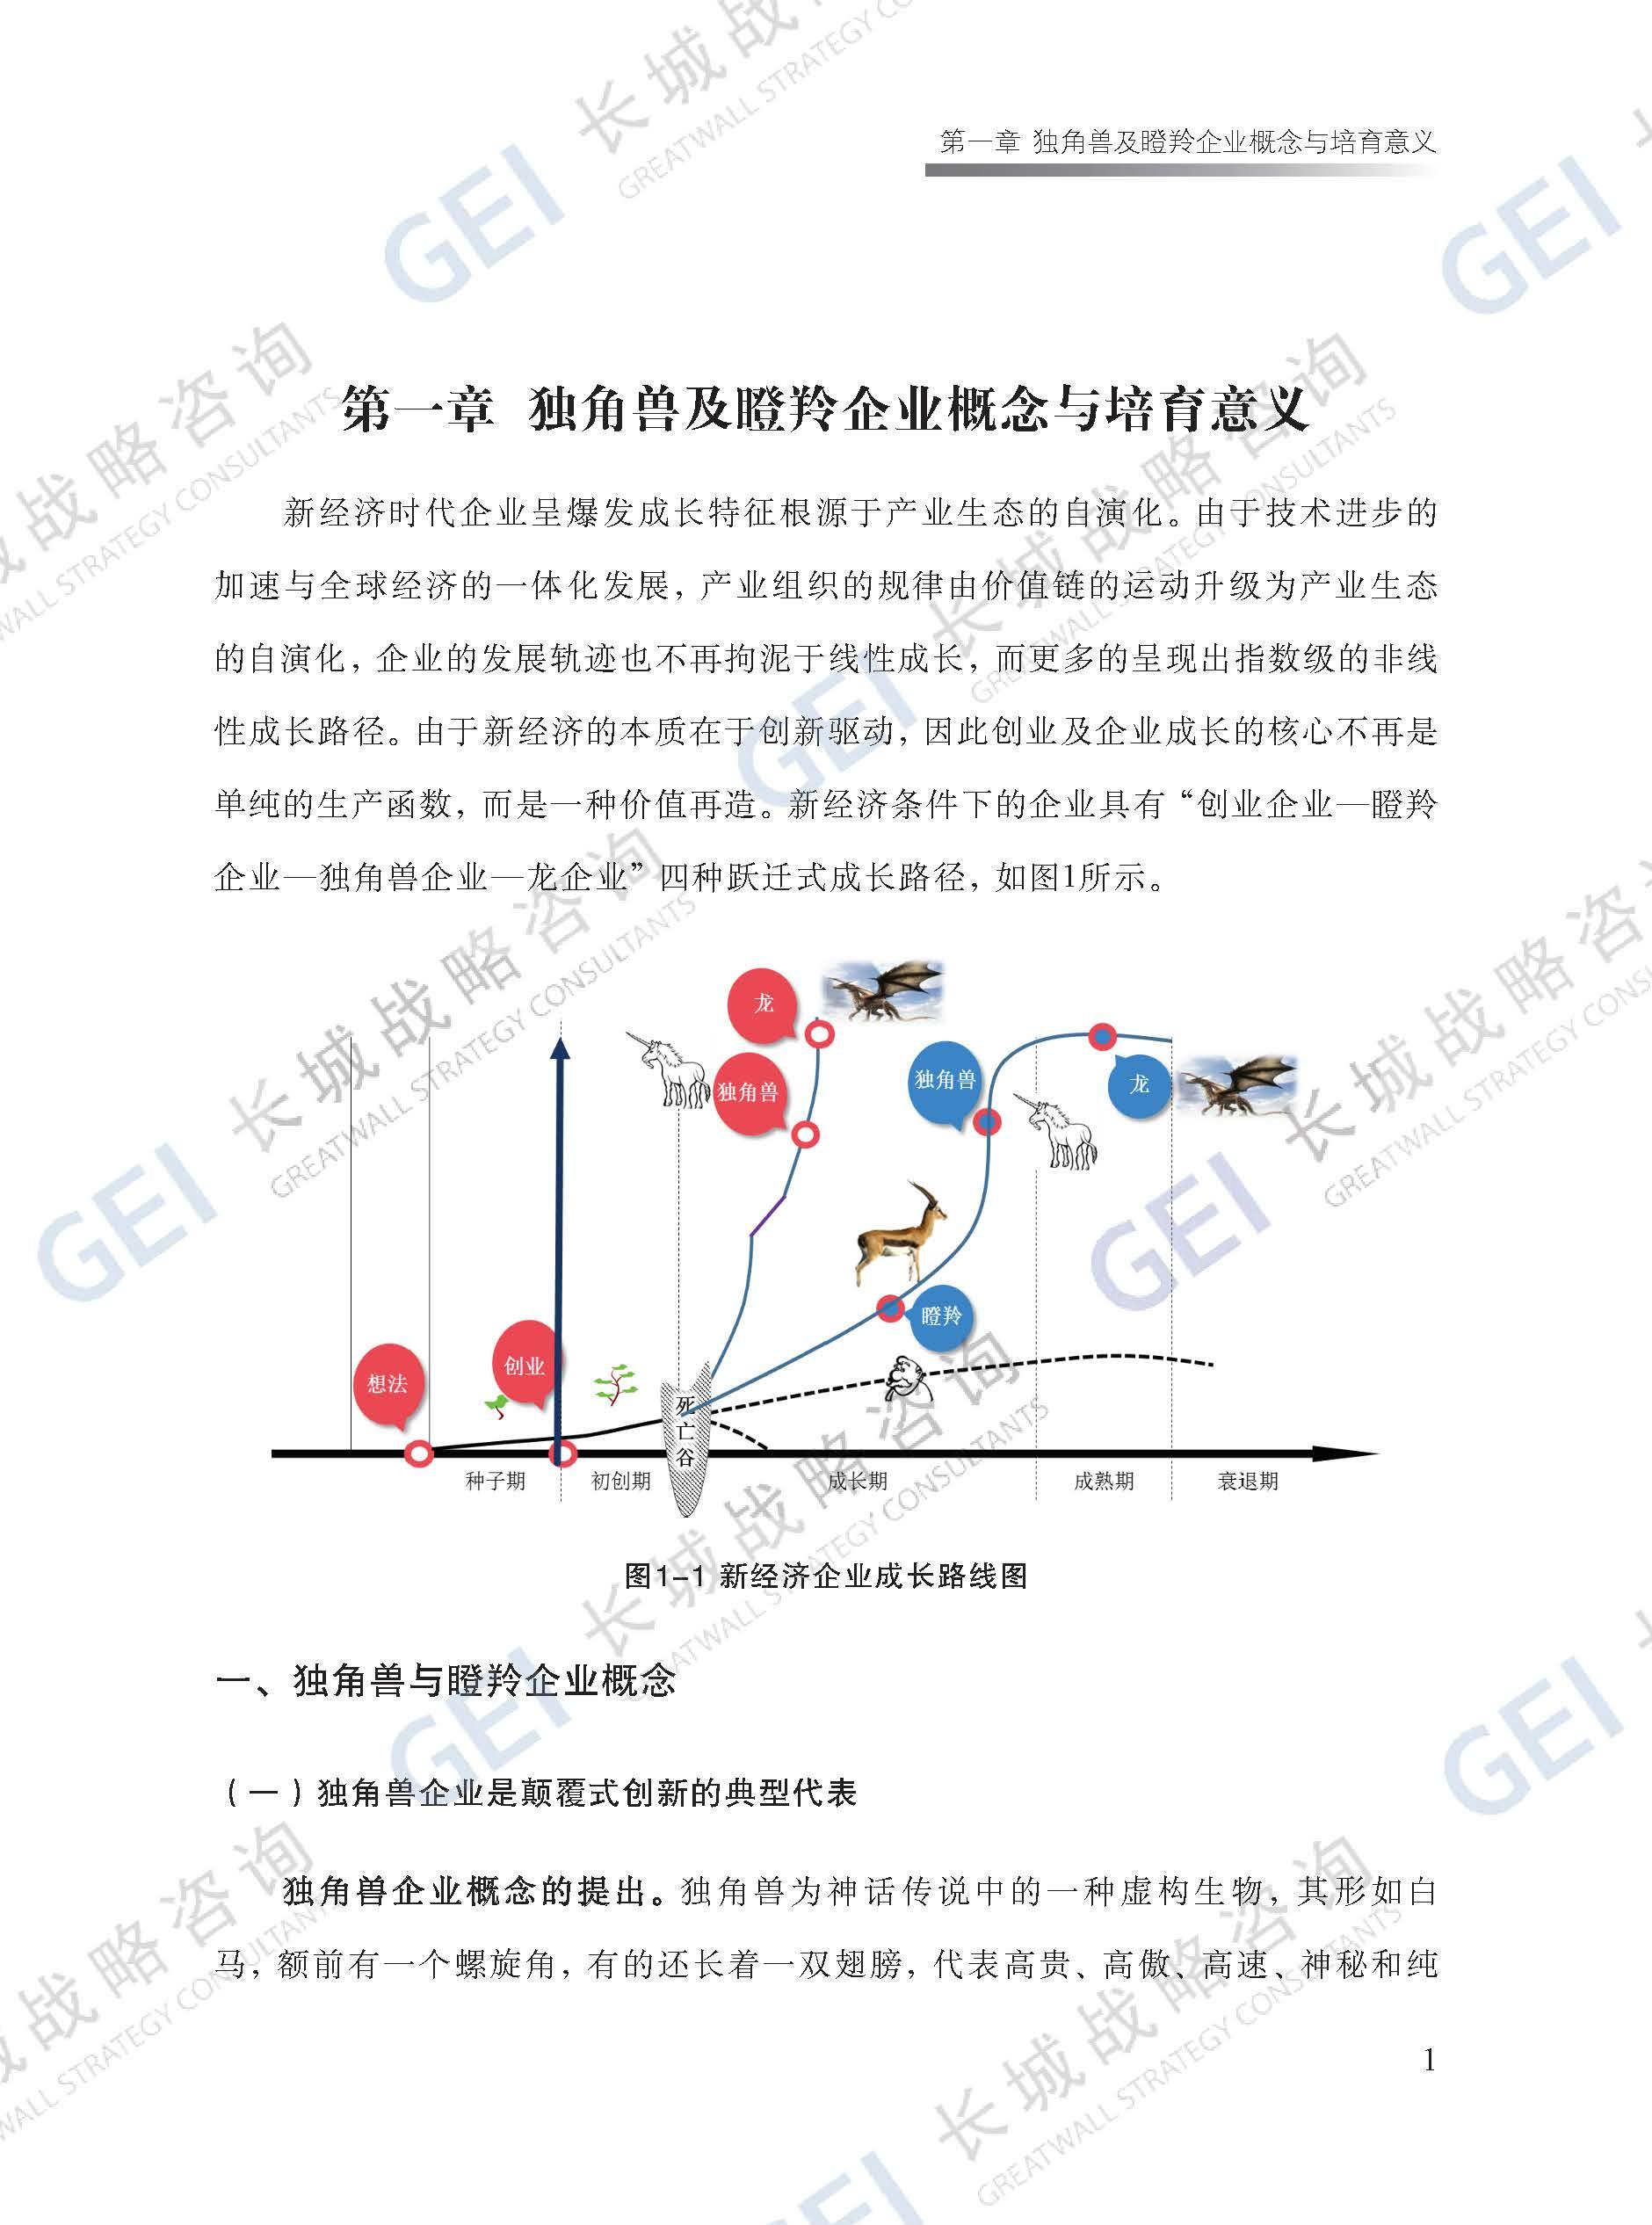 江西科技型企业发展报告_页面_05.jpg